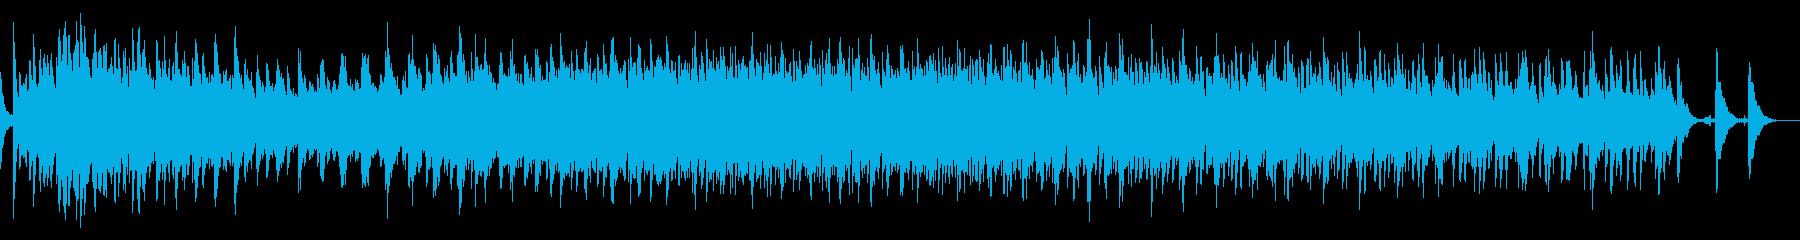 ソープアーノルド教会:5ベル:リンギングの再生済みの波形